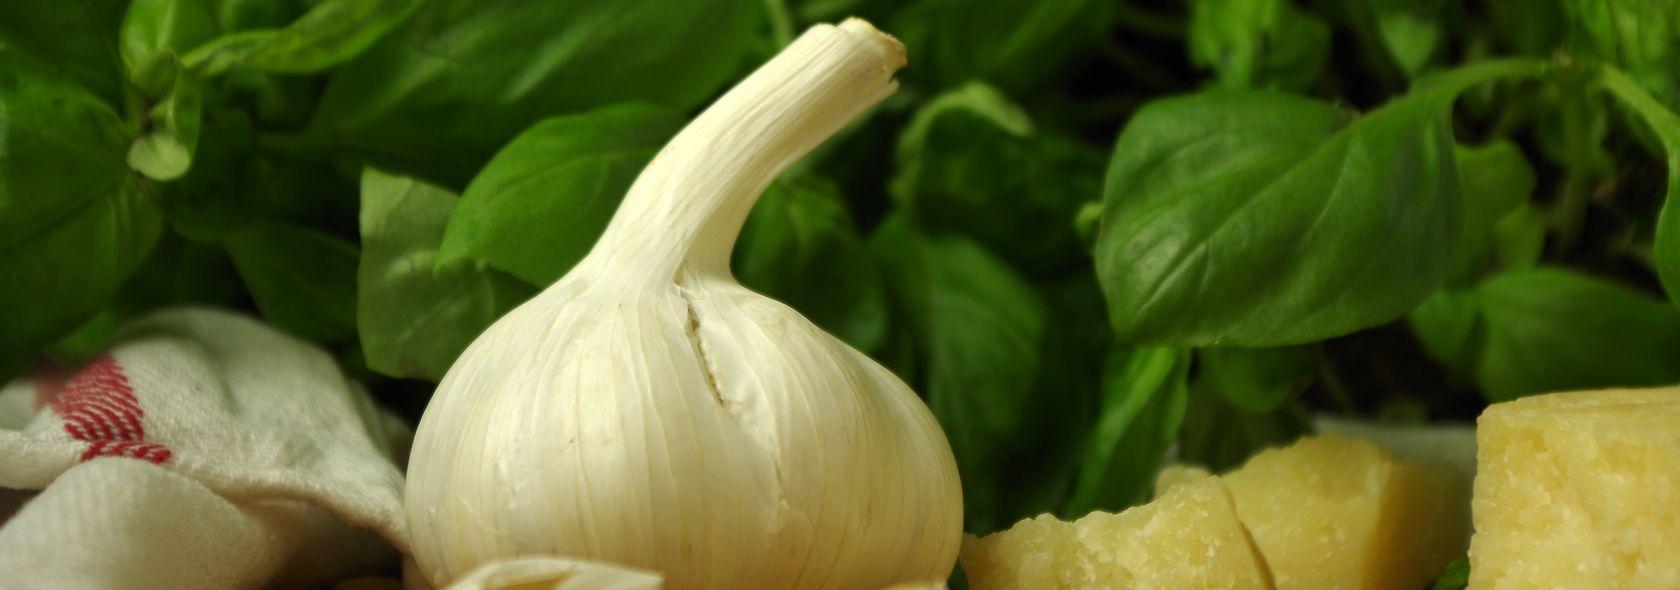 Aglio, parmigiano e basilico di Pra' DOP: gli ingredienti tradizionali del pesto